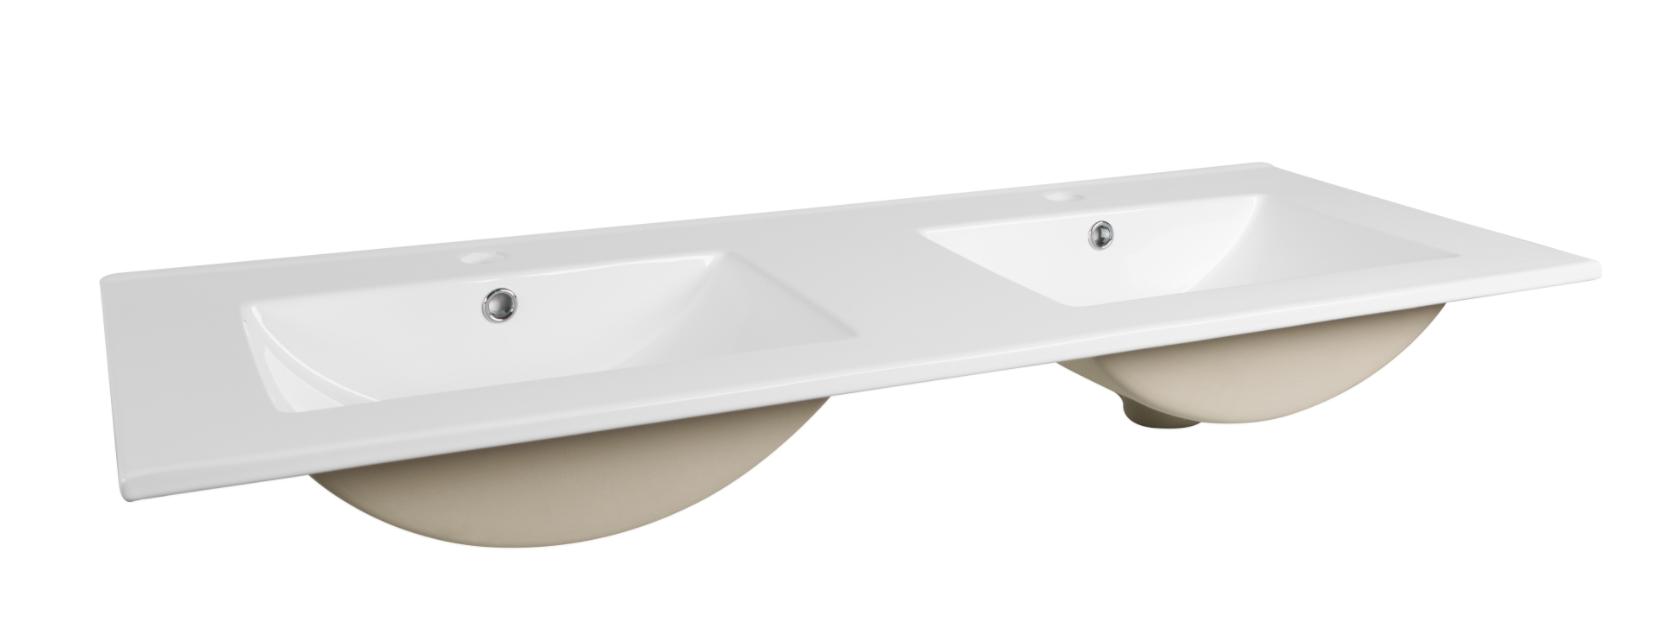 ArtCom Kúpeľňová zostava COSMO   avola sivá Cosmo: Umývadlo CFP - 120D / 120 cm